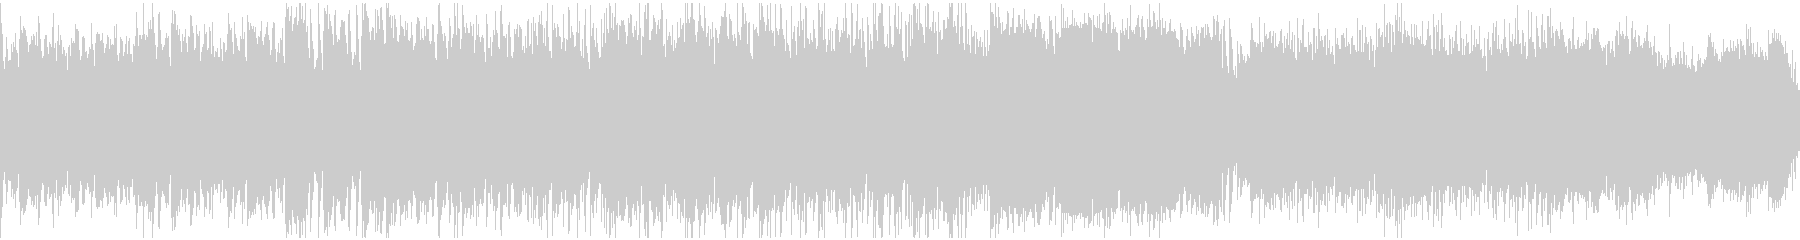 寂しげなフォーク曲(ループ)の未再生の波形